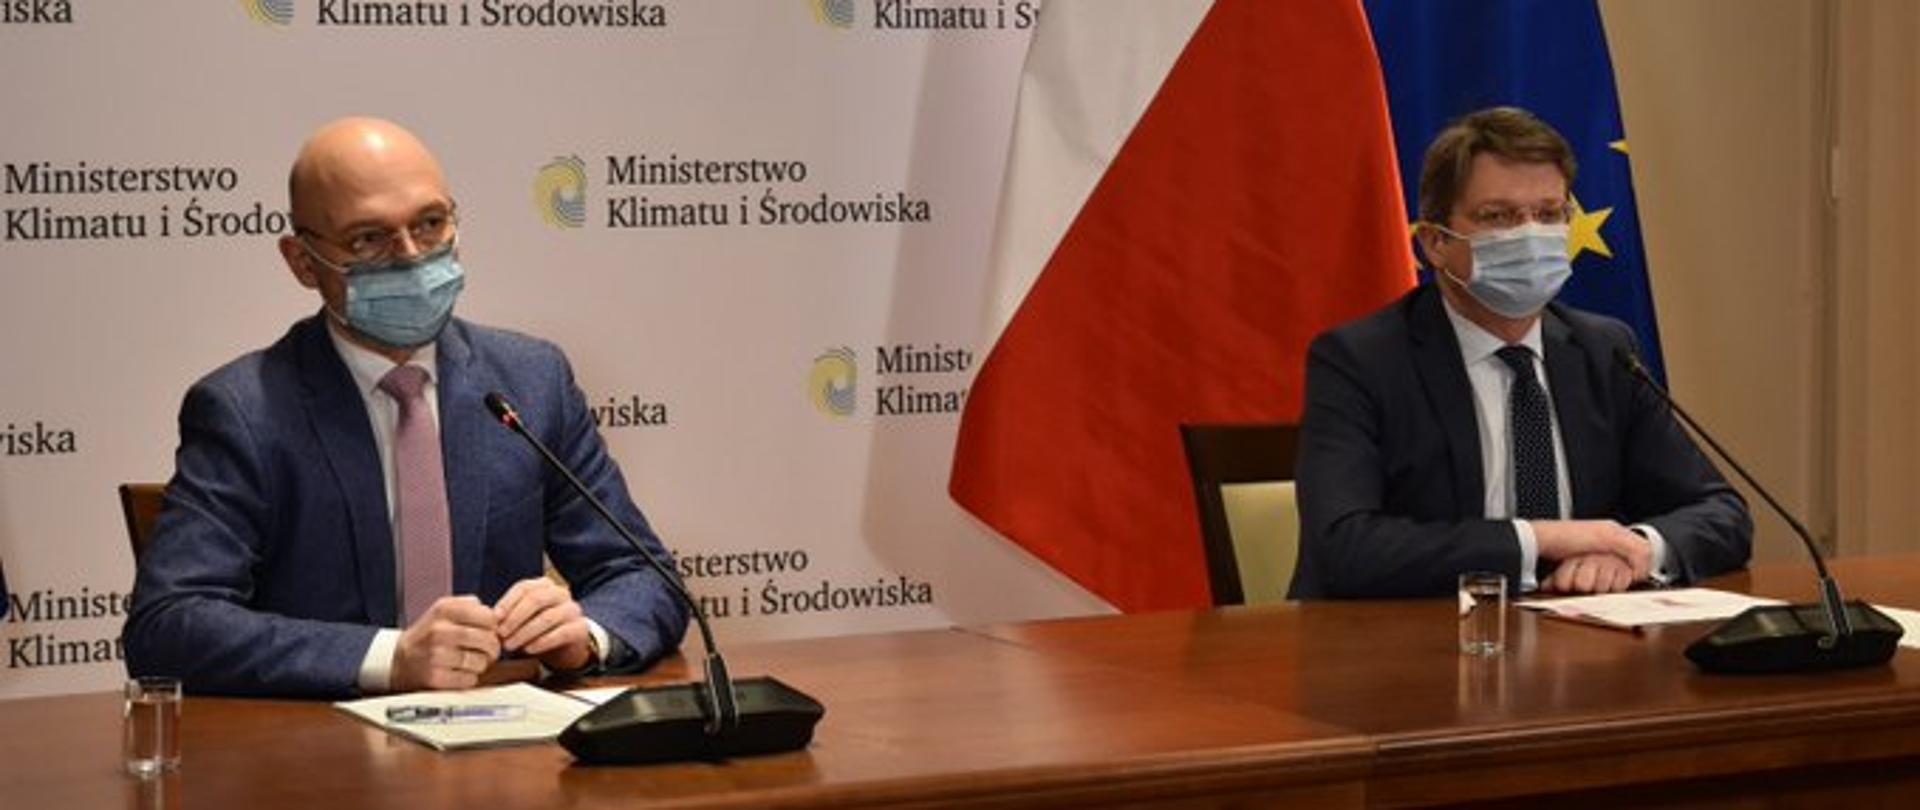 Minister klimatu i środowiska Michał Kurtyka oraz wiceprezes Narodowego Funduszu Ochrony Środowiska i Gospodarki Wodnej Artur Lorkowski